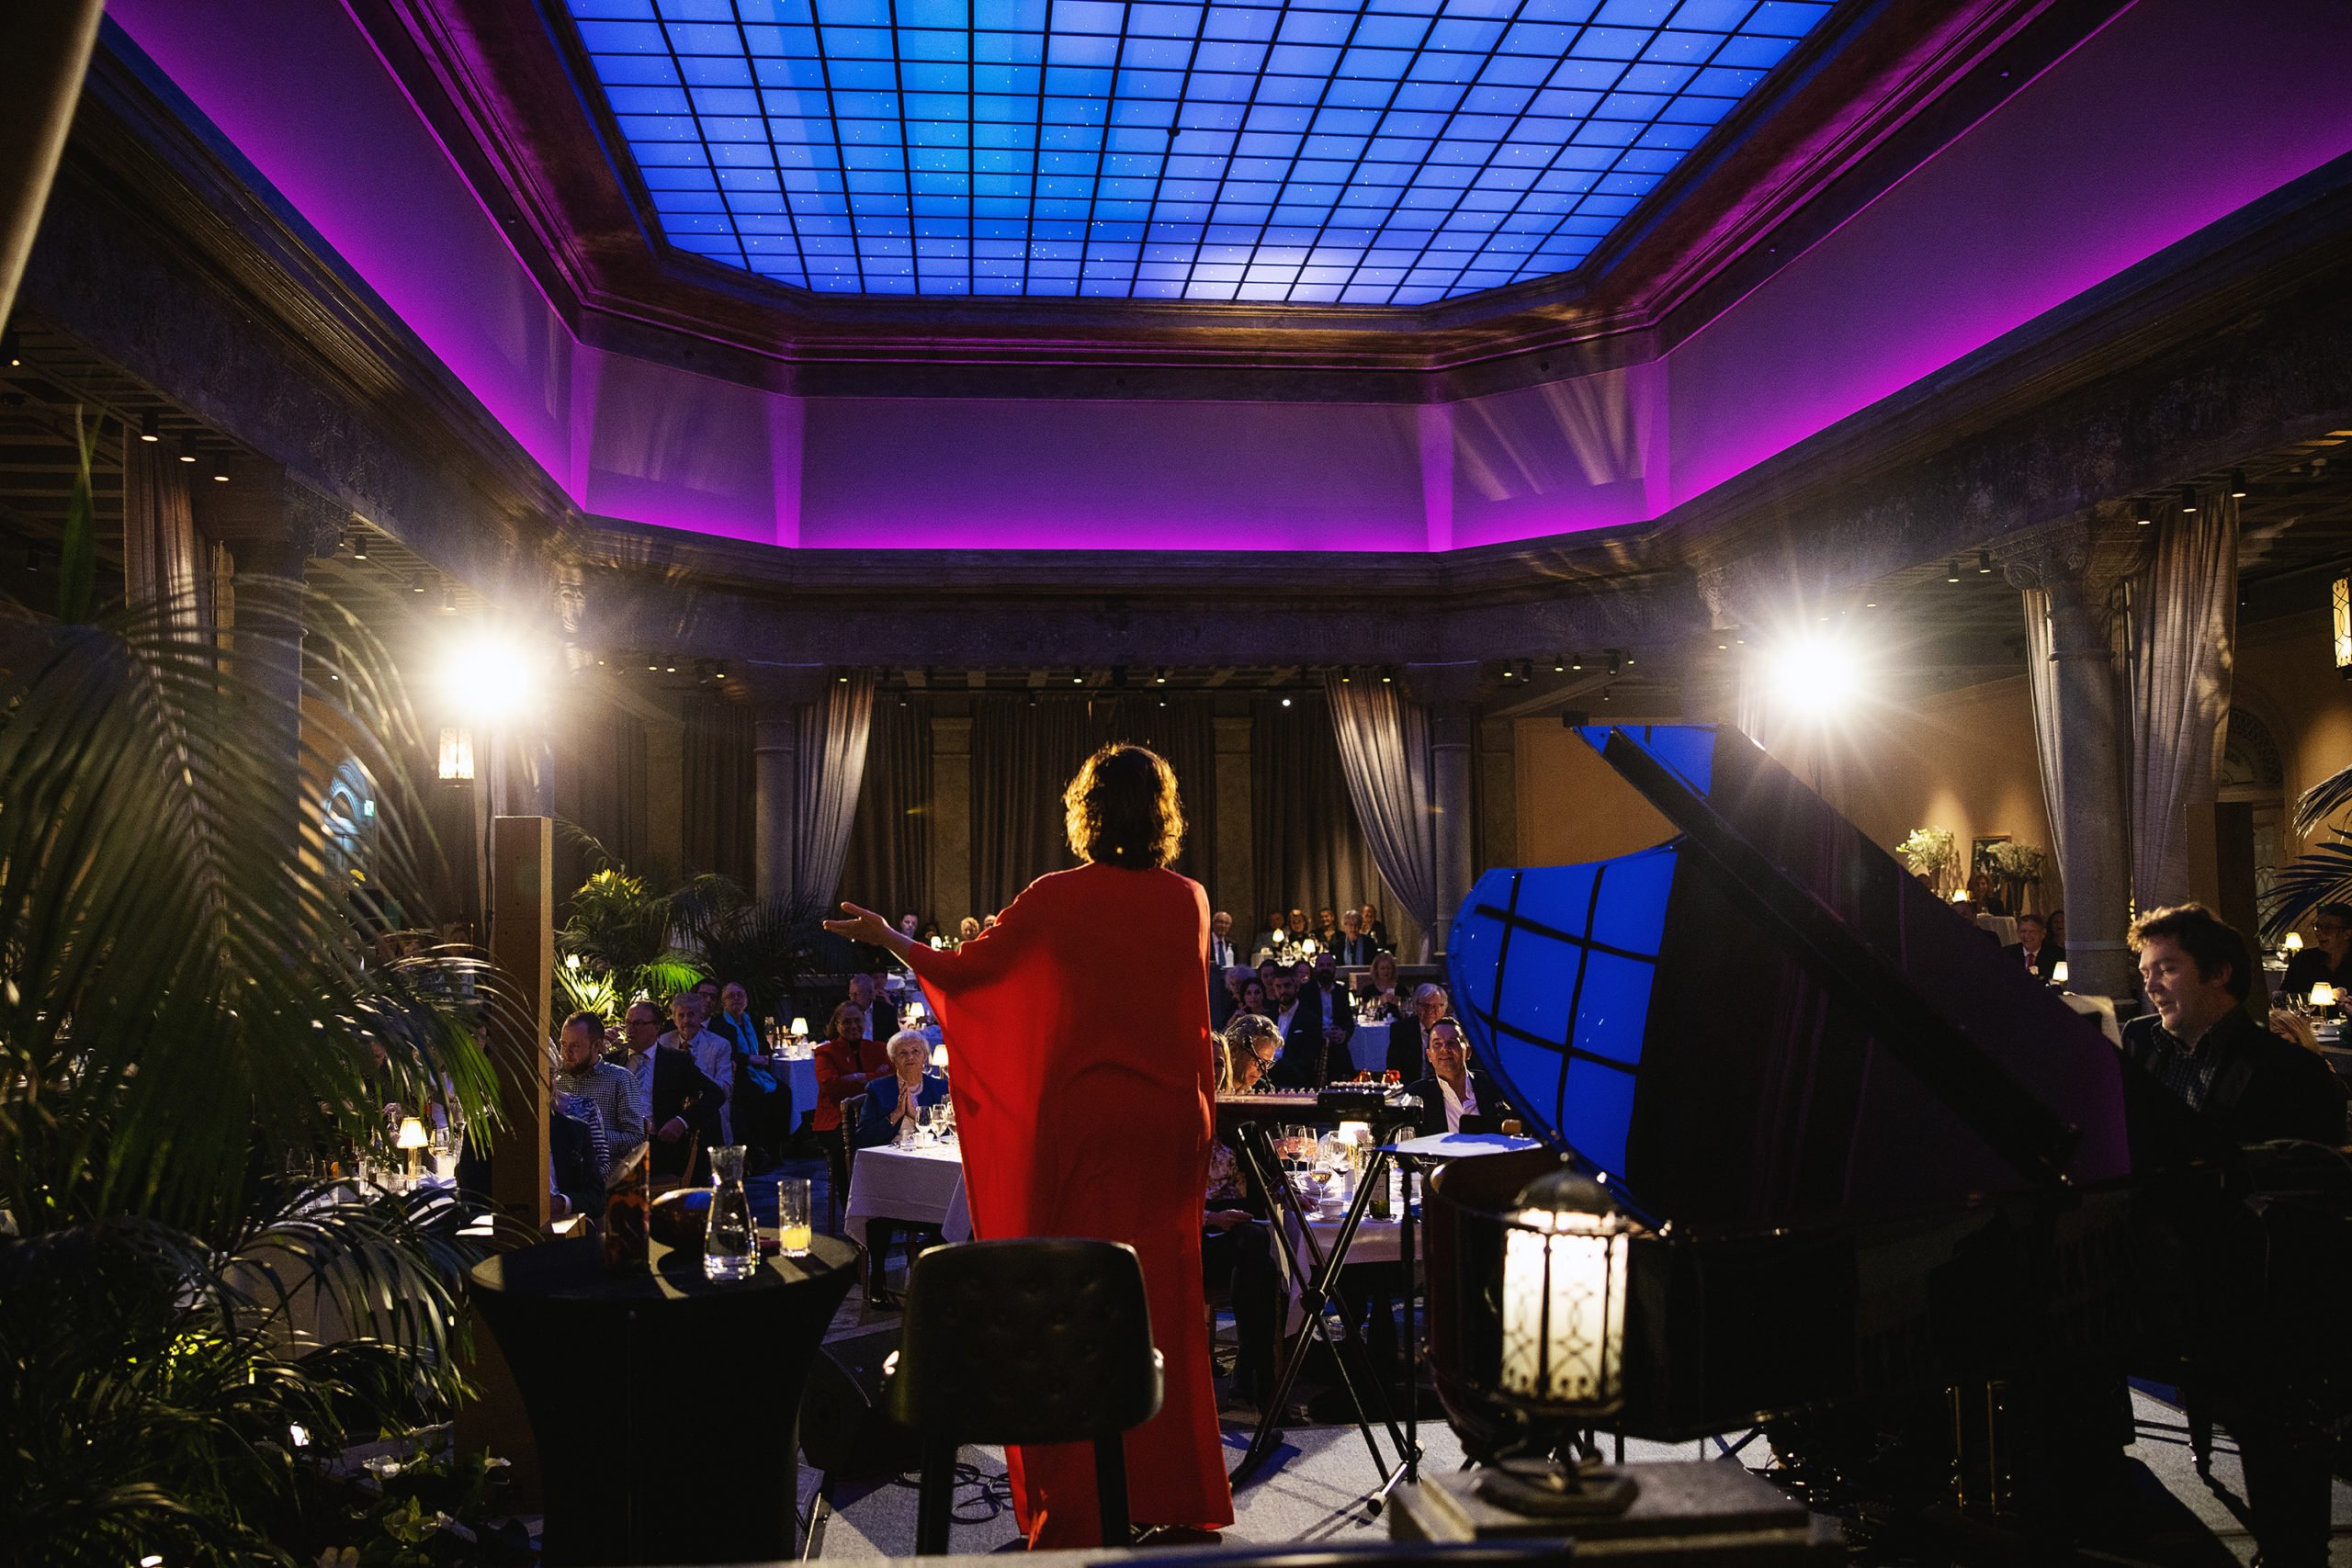 Sissel Kyrkjebø performing in Britannia's Palmehaven